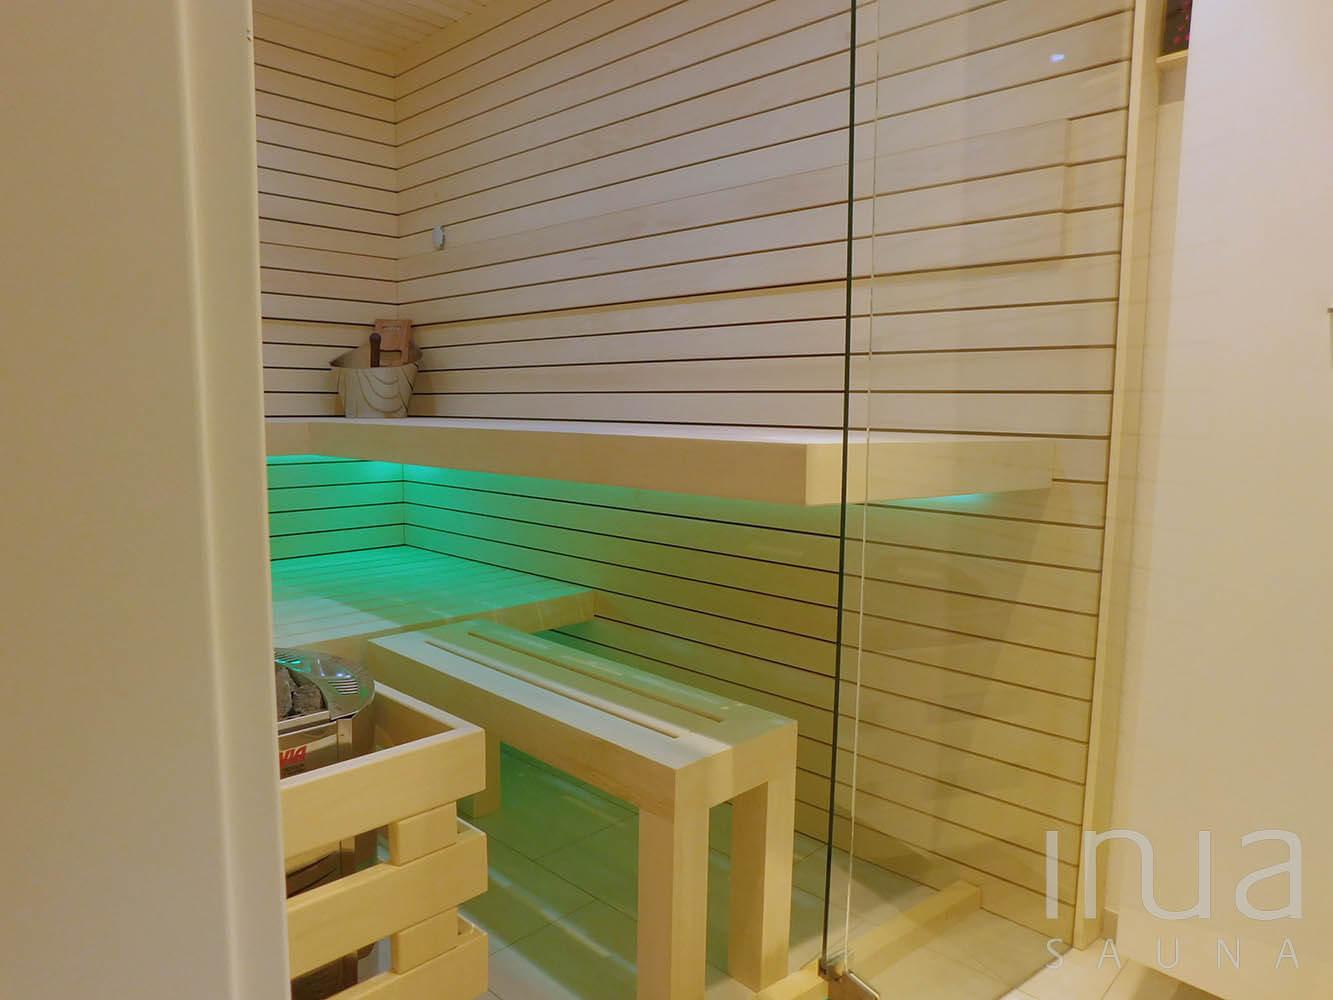 Inua panelrendszerrel gyártott beltéri finn szauna. | Inua Szauna Kft.